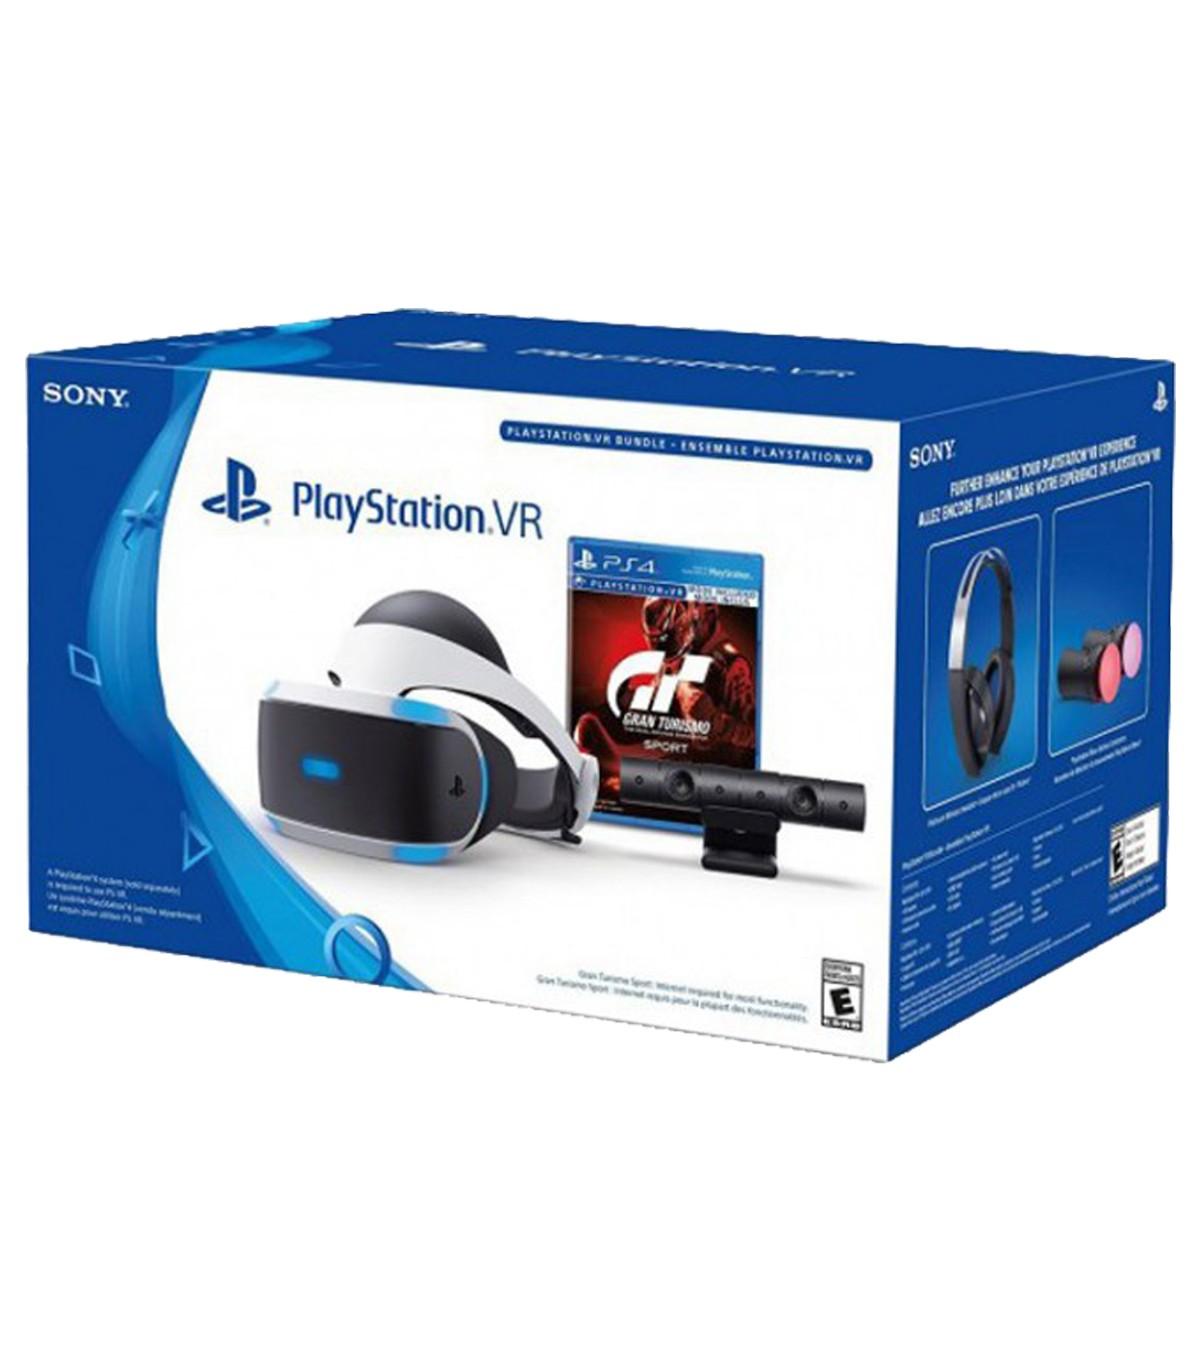 پلی استیشن وی آر باندل گرن توریسمو  PlayStation VR GranTurismo Sport Bundle